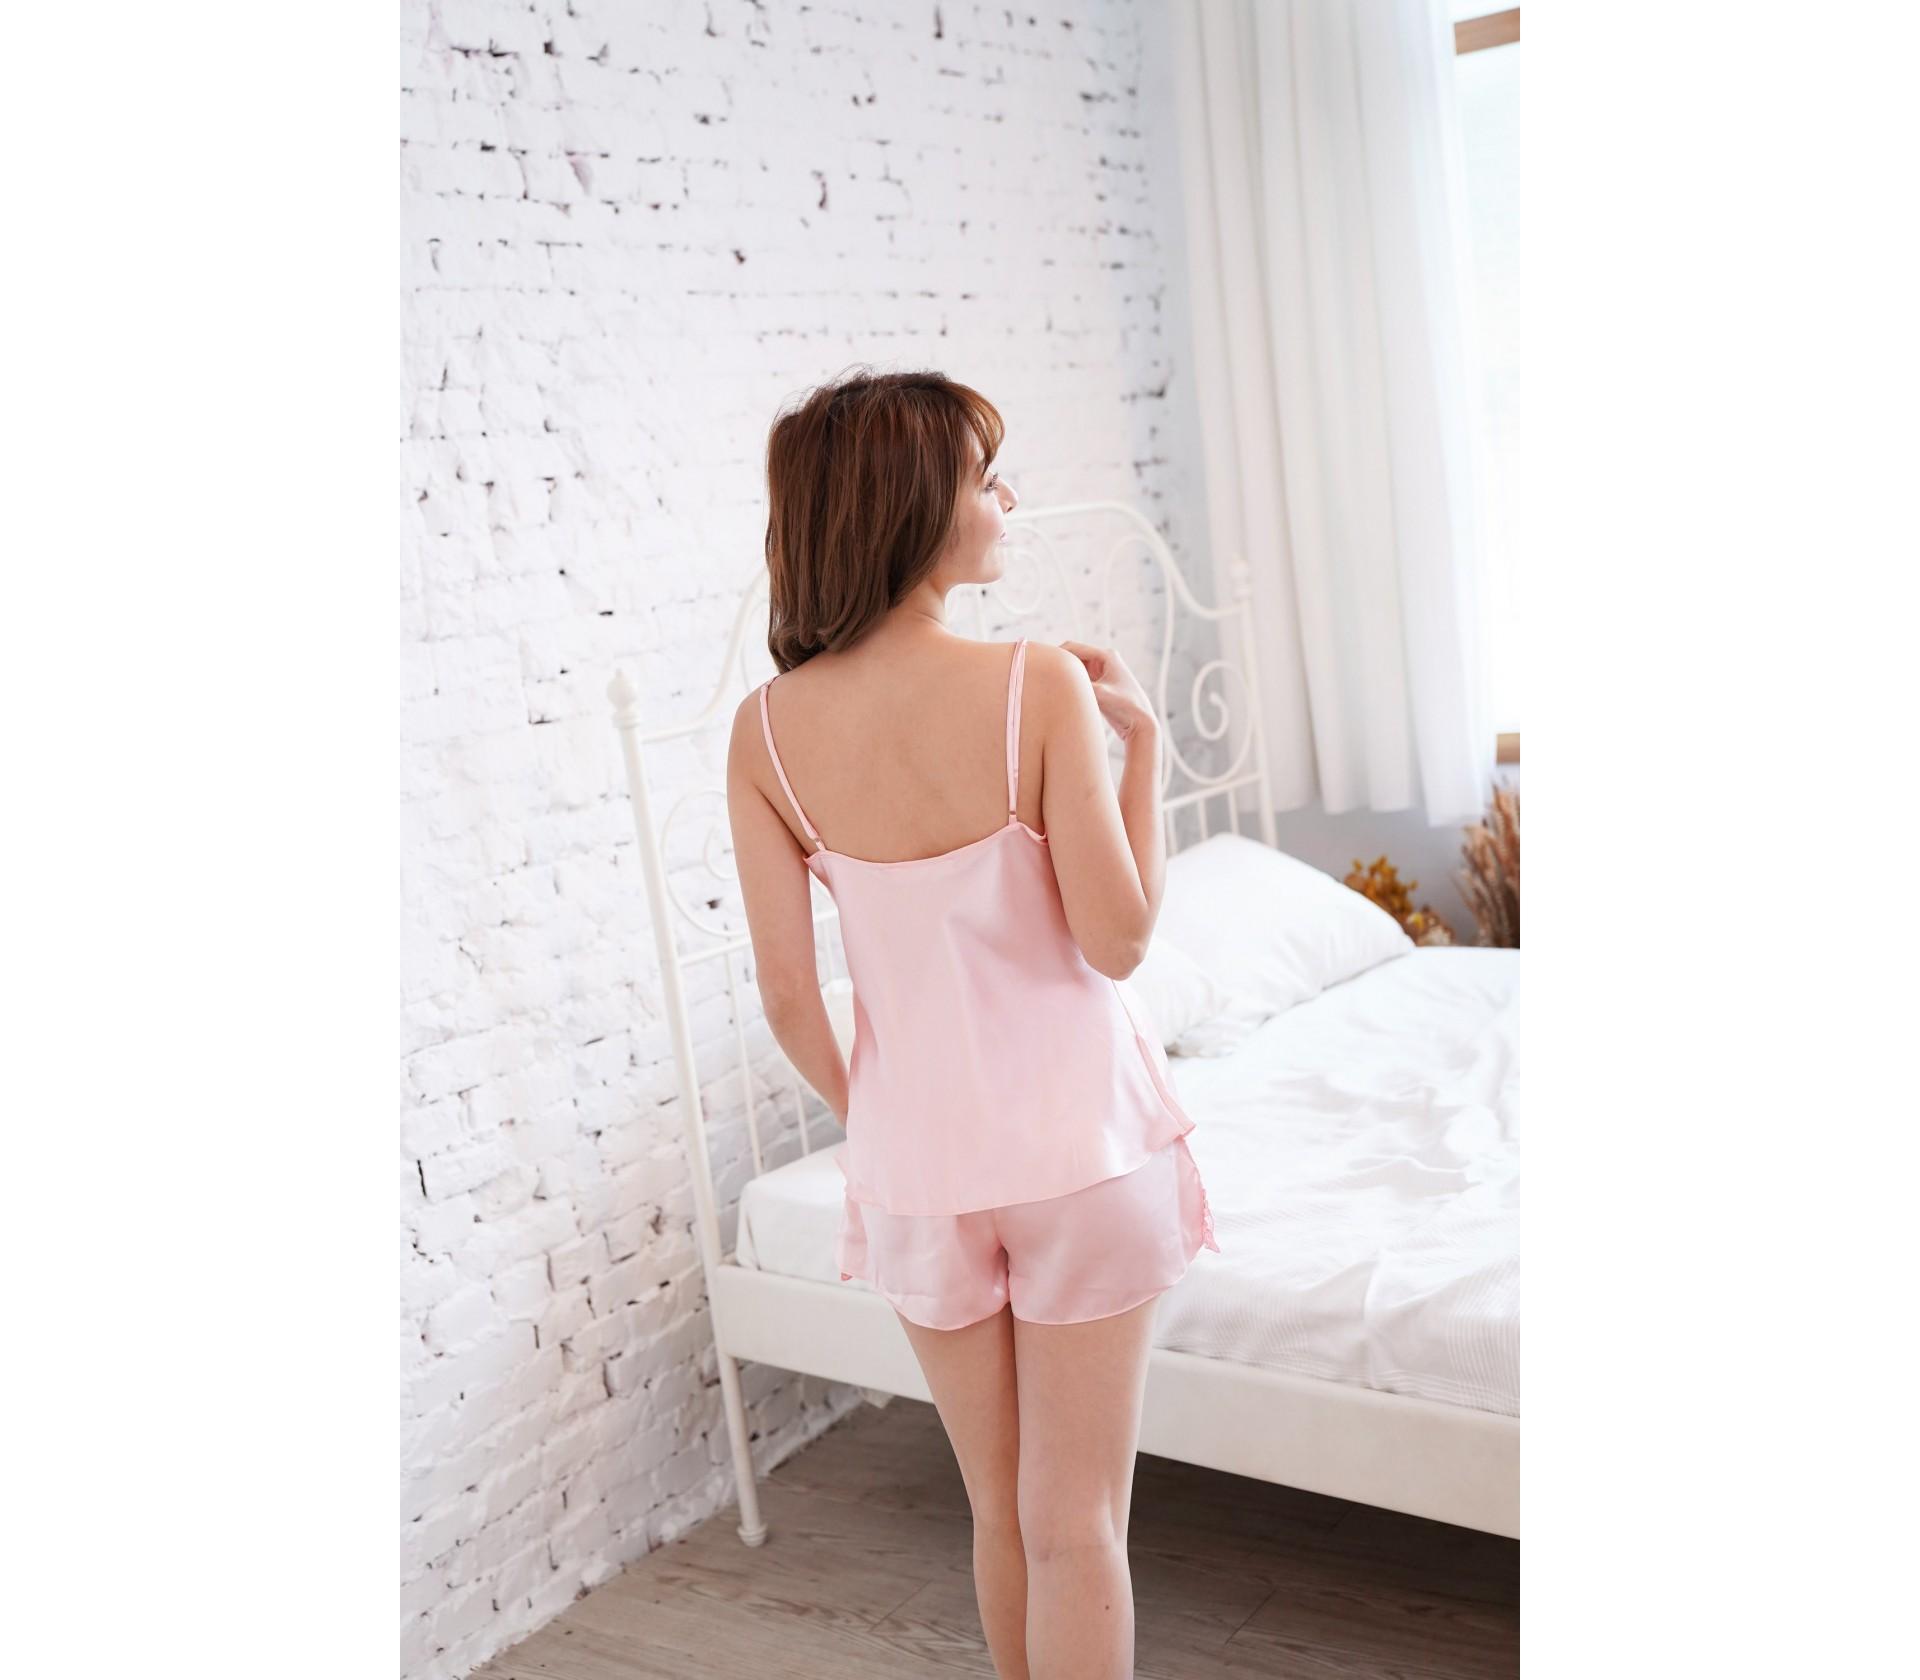 粉色細肩V領雕花套裝睡衣-3695